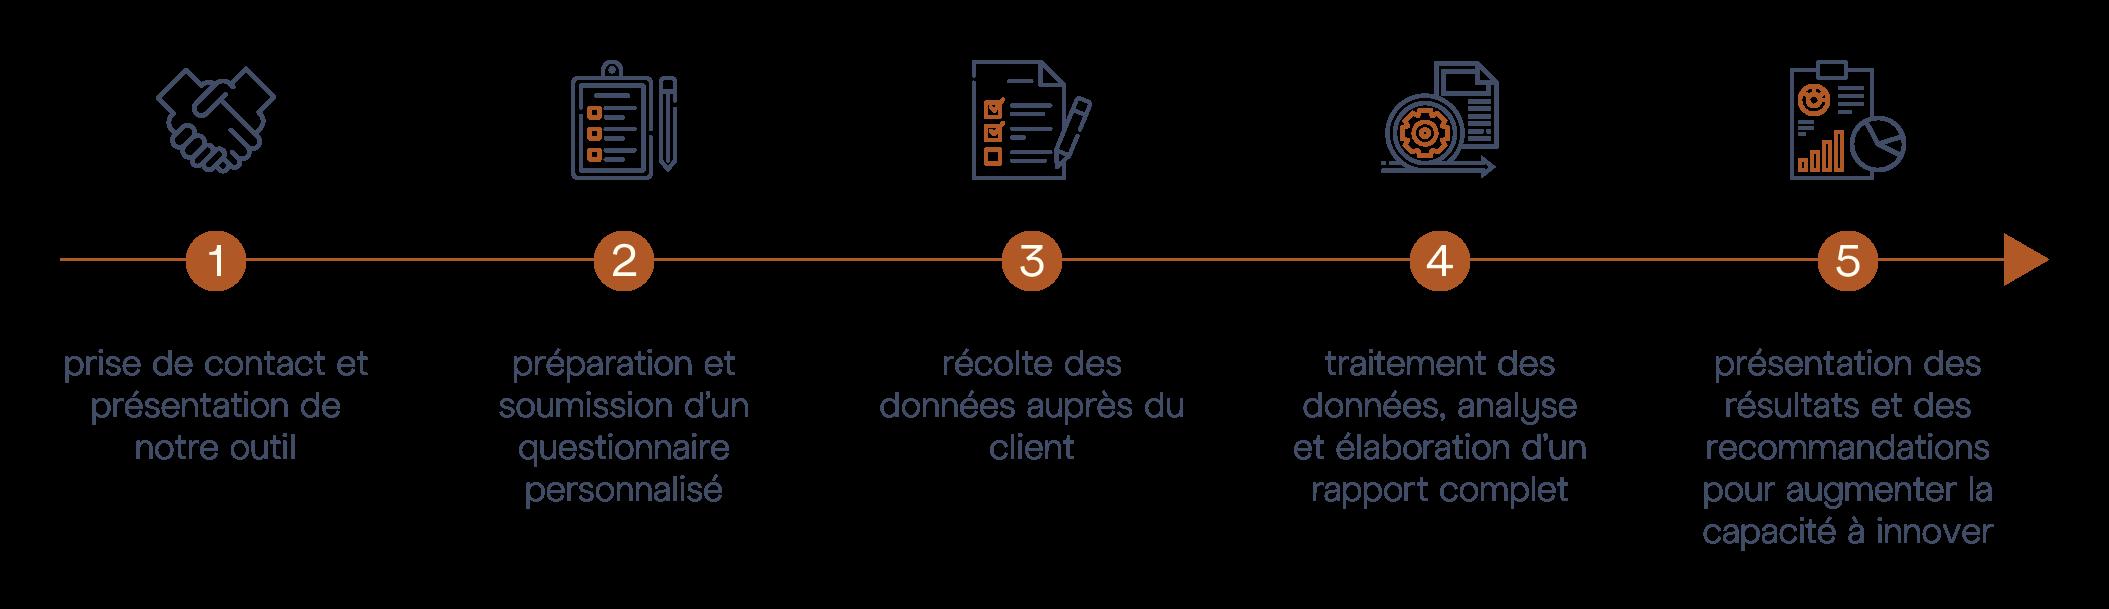 Audit Innovation M&BD © - Diagram steps